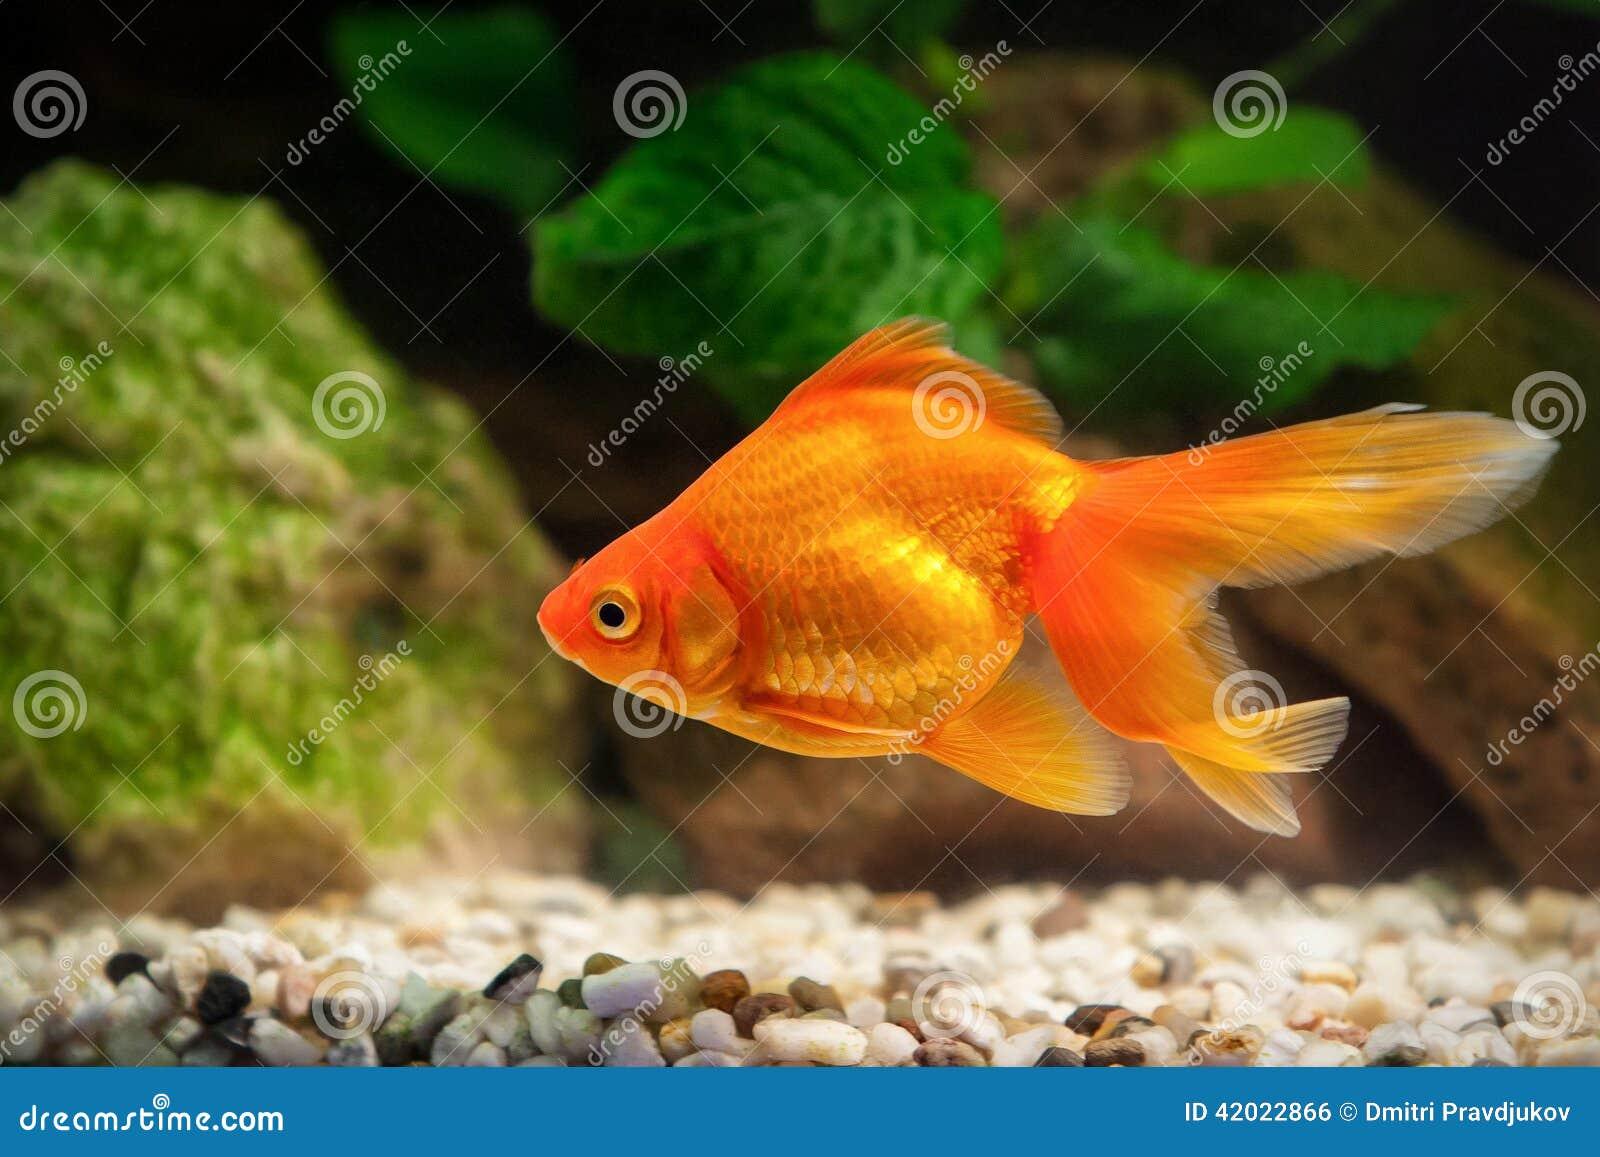 Poisson rouge dans l 39 aquarium avec les plantes vertes et for Quelle plante aquarium poisson rouge